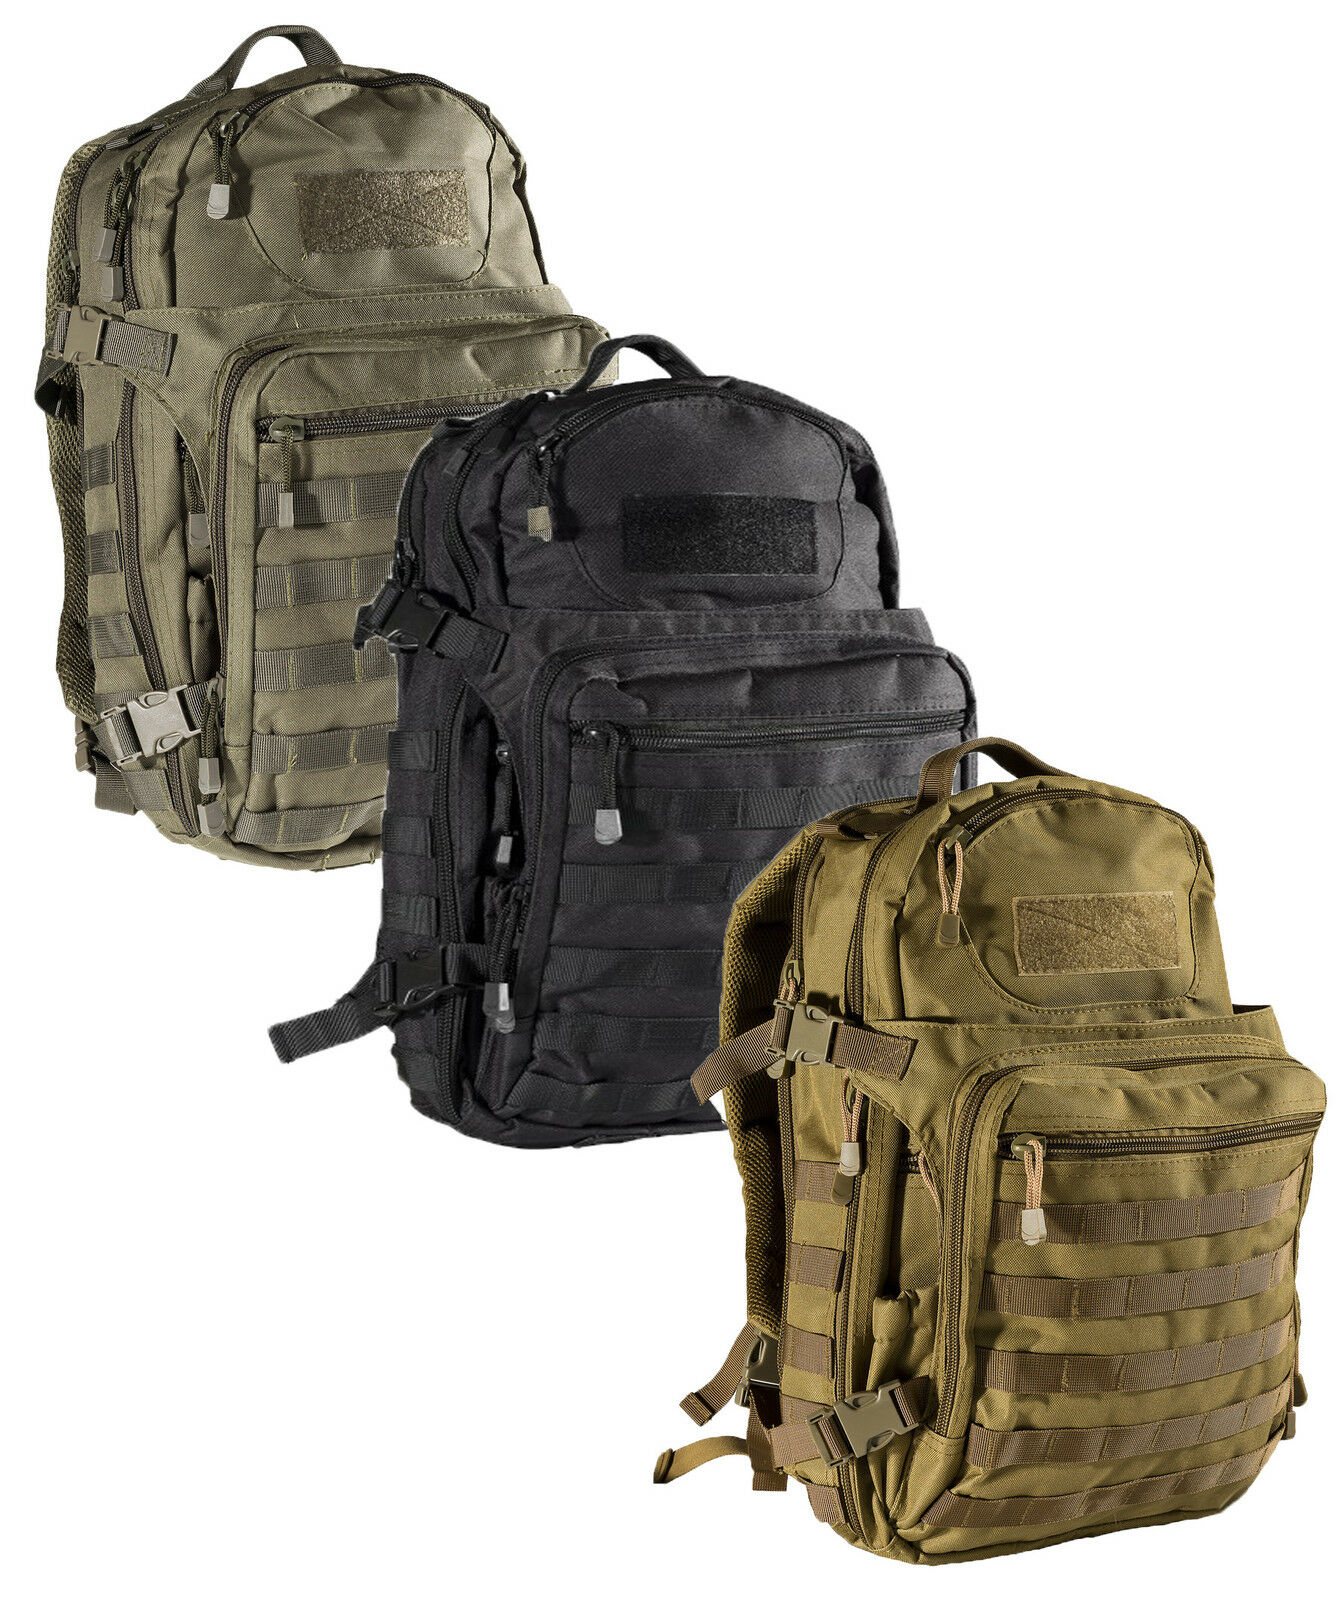 Adventure Rucksack Outdoor Trekking Molle Rucksack Backpack 45 Liter